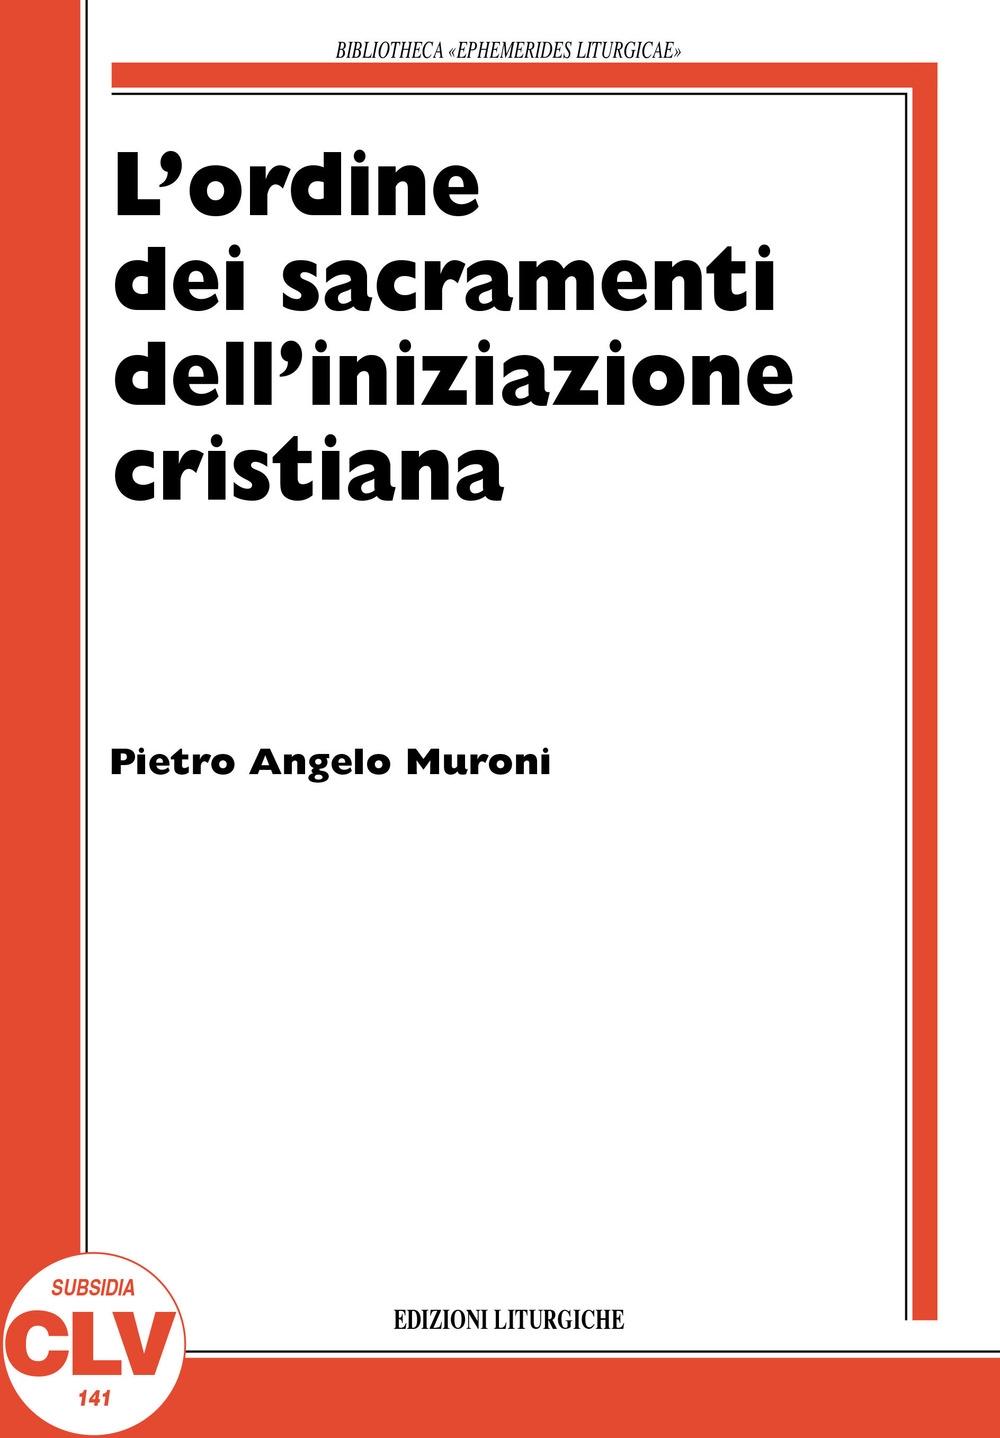 L'ordine nell'amministrazione dei sacramenti dell'iniziazione cristiana. La storia e la teologia dal XIV secolo al 1992 nel rito romano